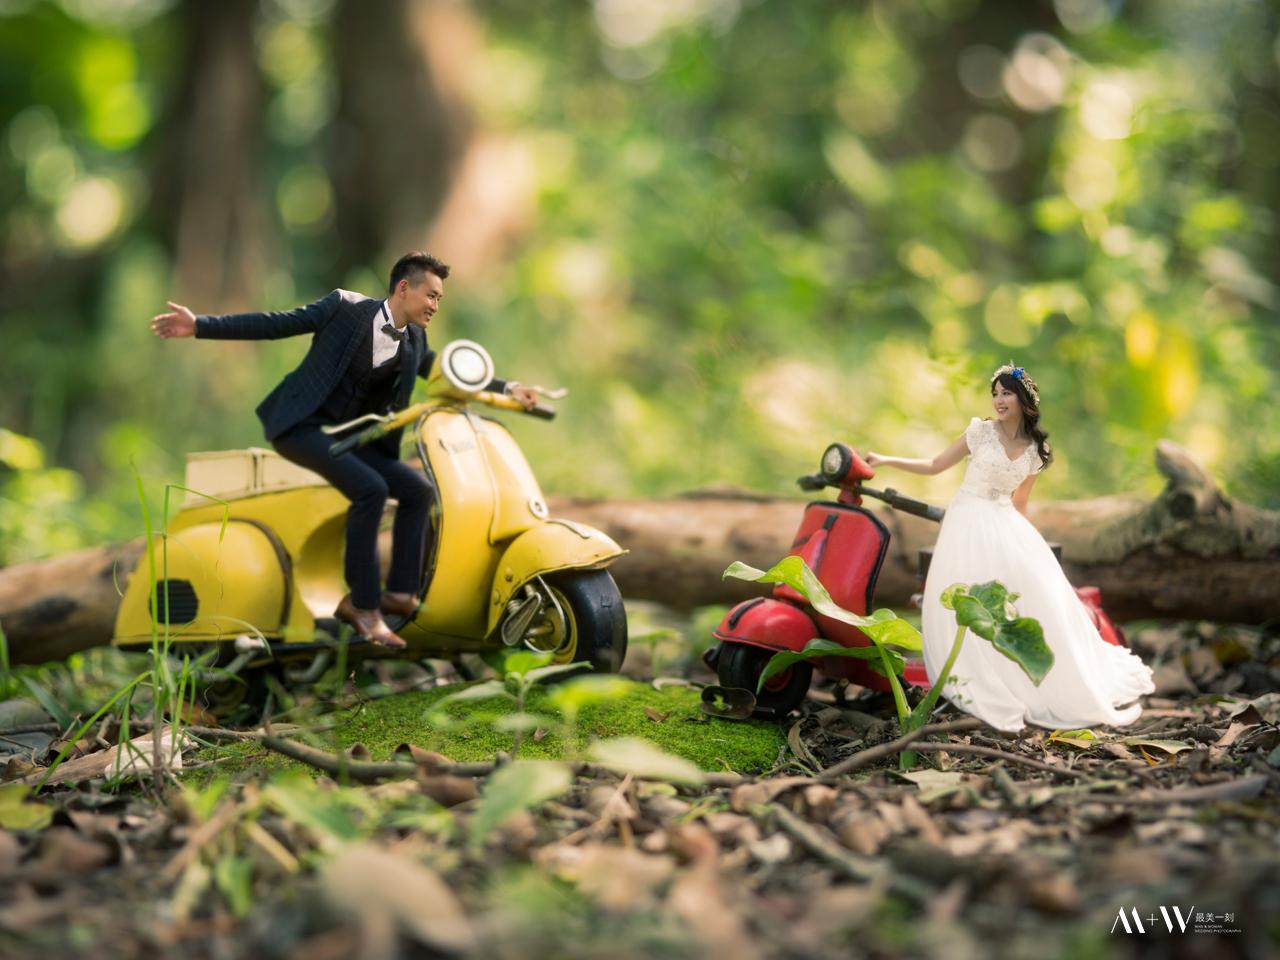 婚紗照 ,日本吉卜力,自主婚紗, M+W最美一刻,